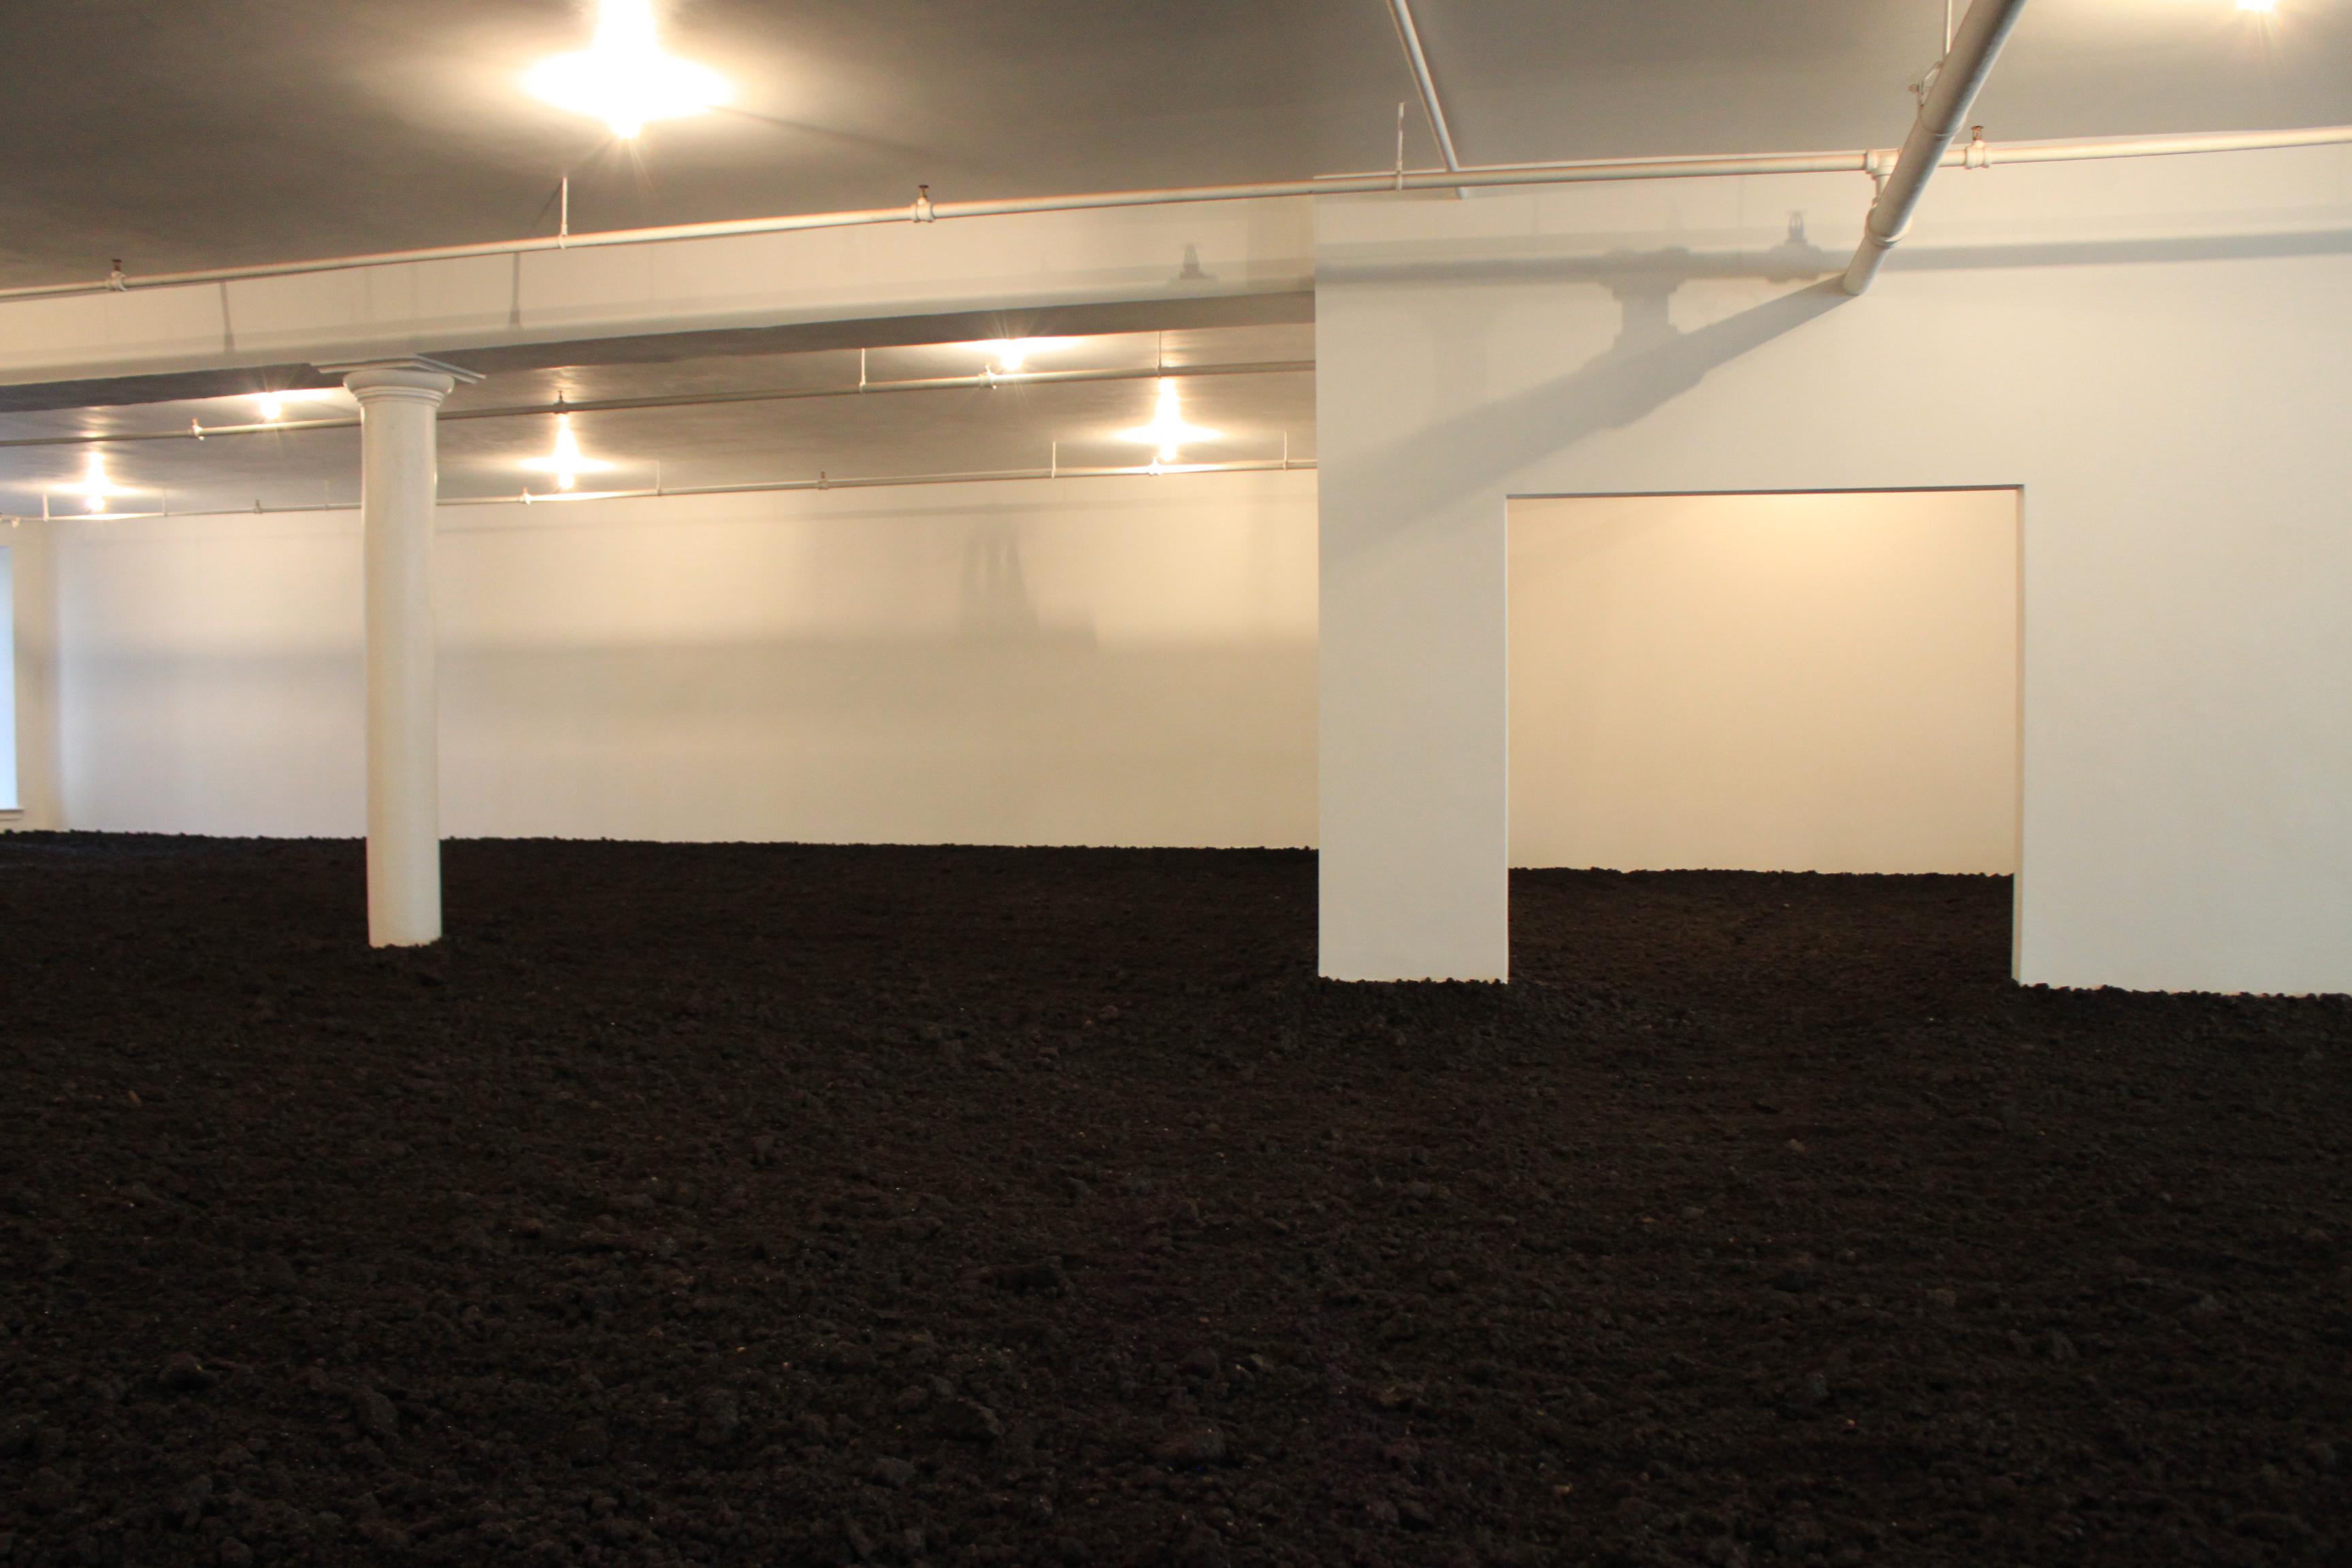 Earth Room, New York